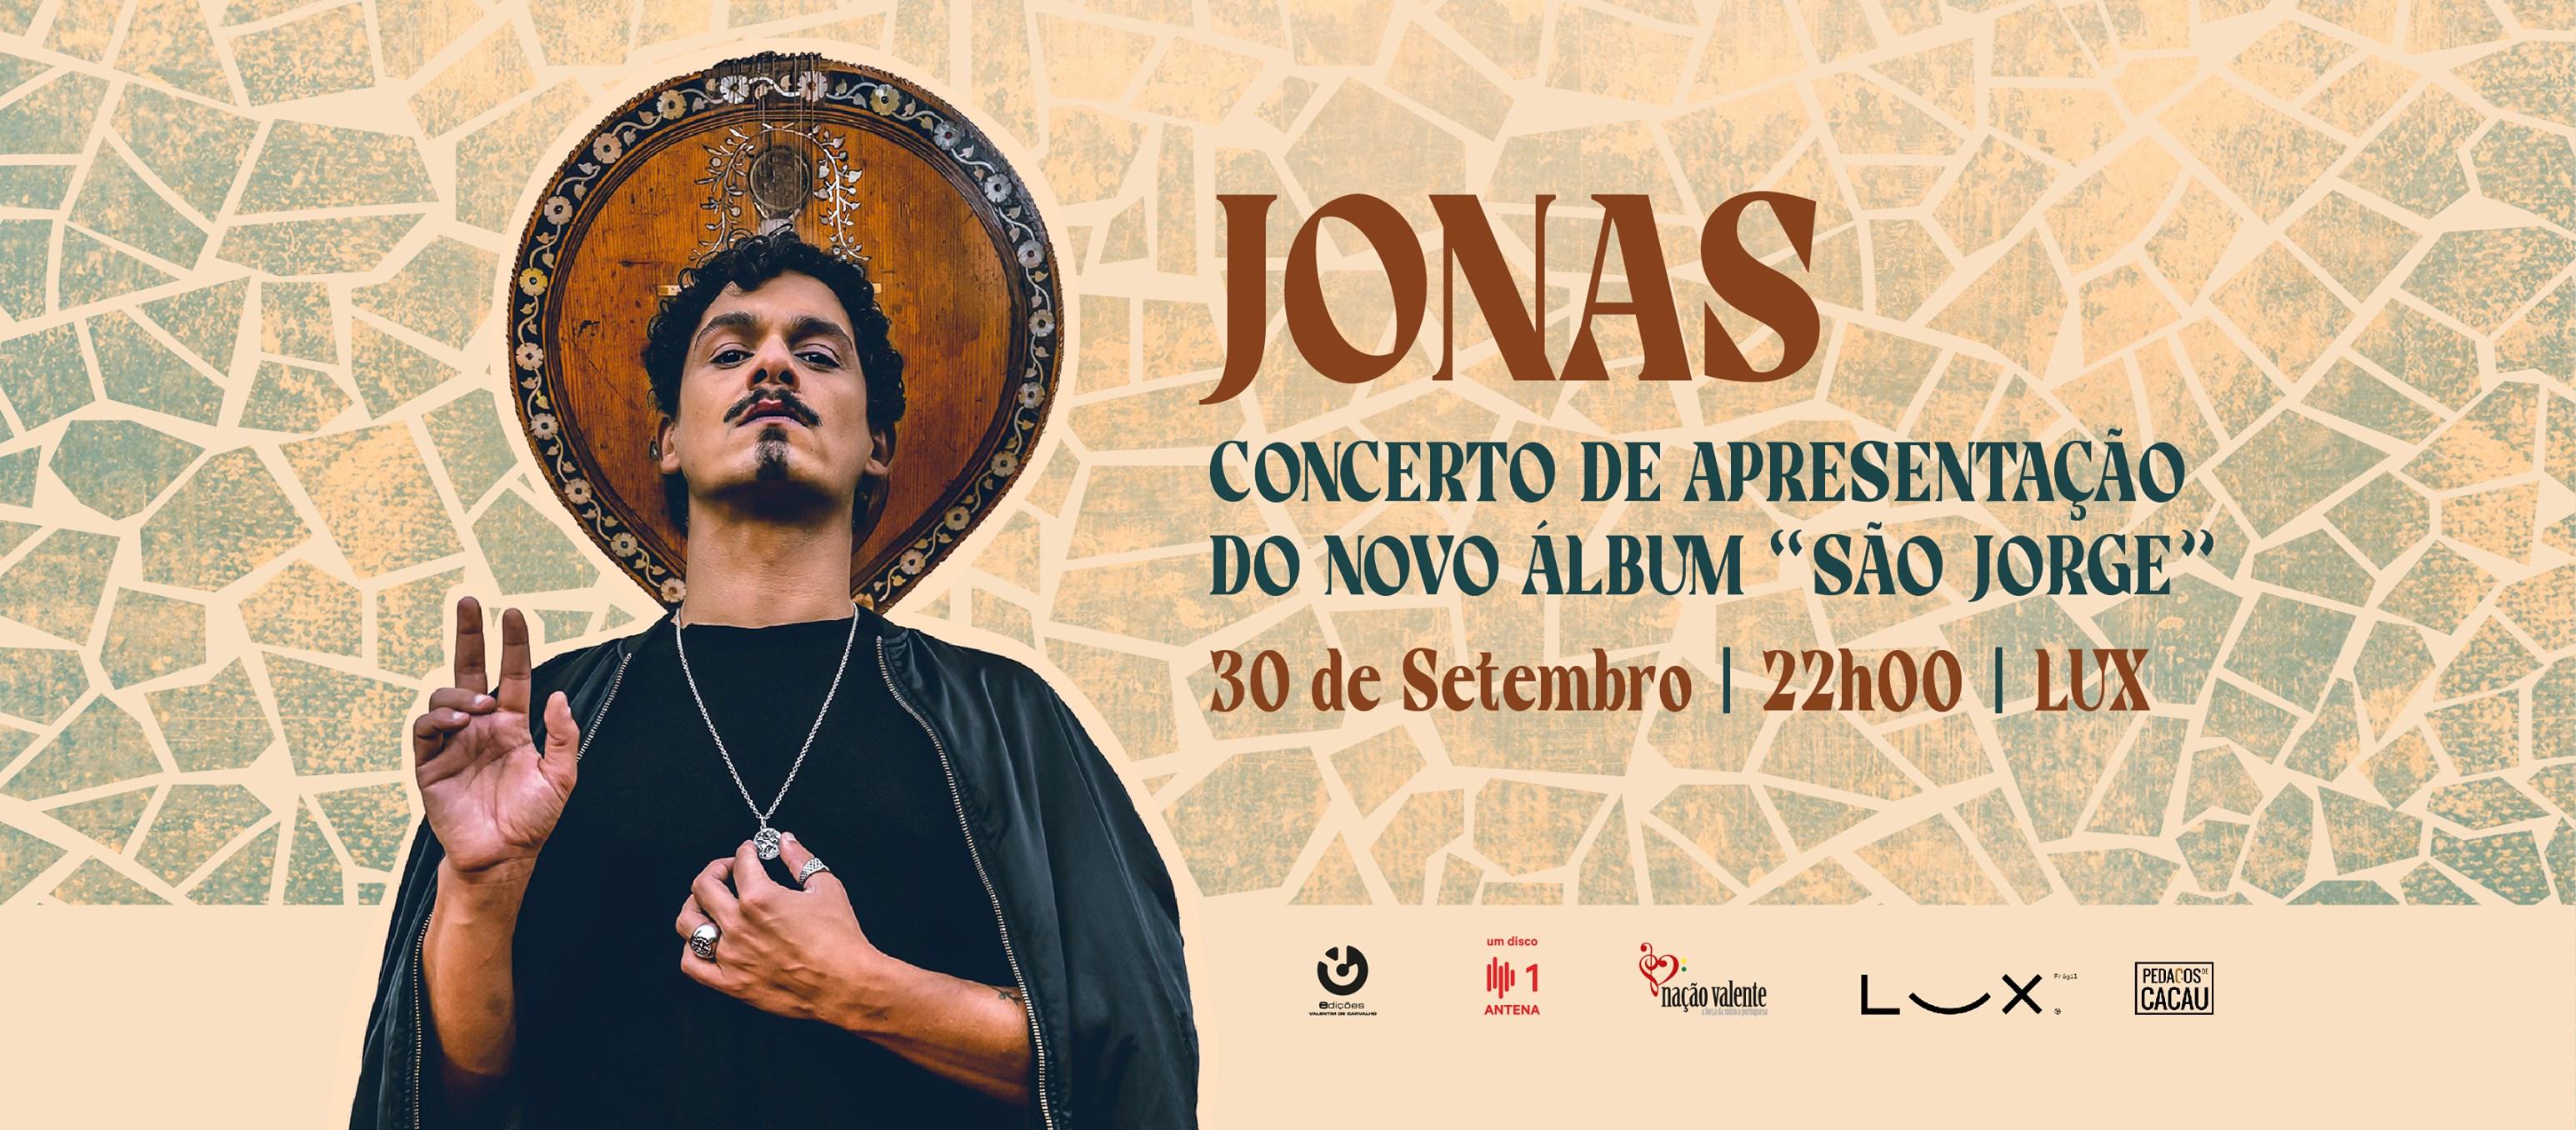 Jonas - Concerto de apresentação do novo álbum 'São Jorge'